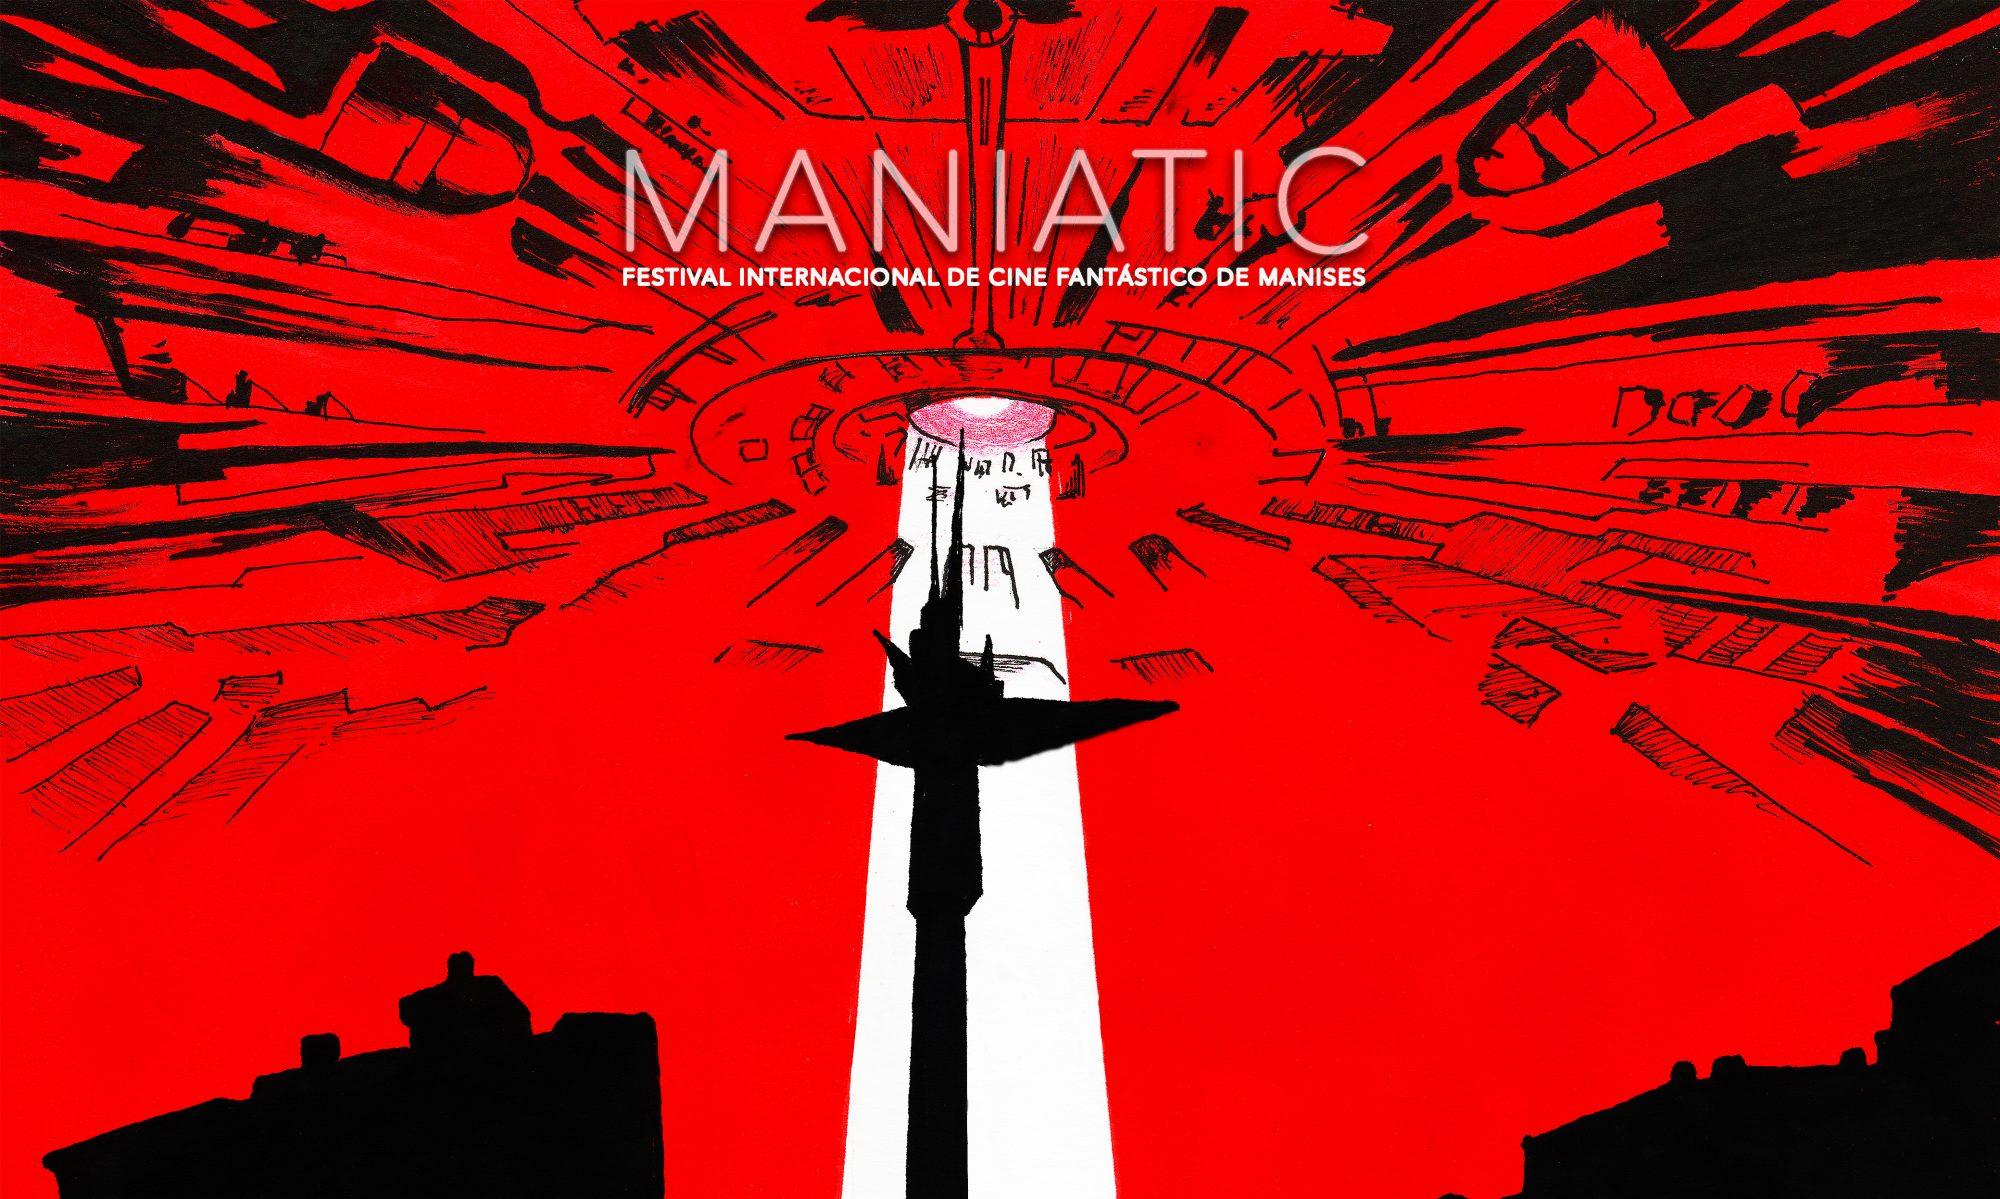 Maniaticfilmfestival